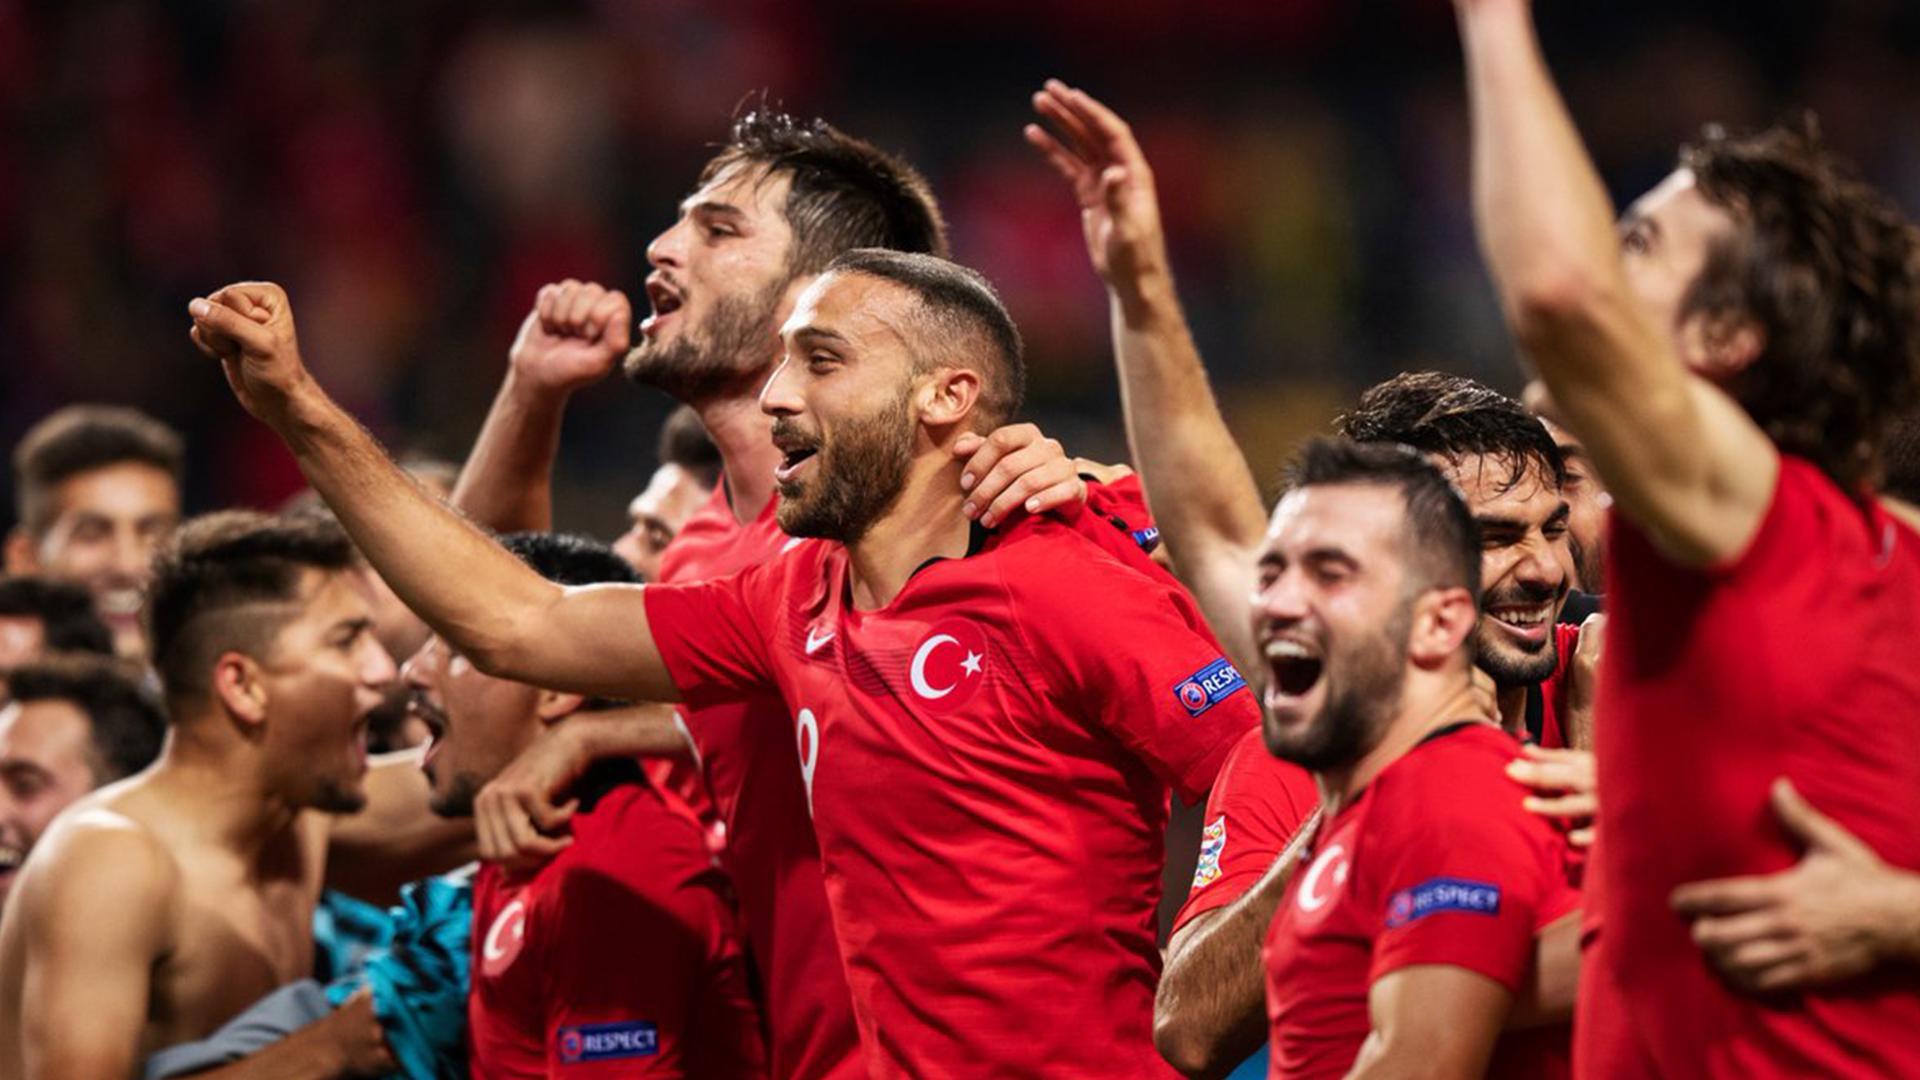 تصفيات يورو 2020 :  المنتخب التركي يفوز على مولدوفيا برباعية 24